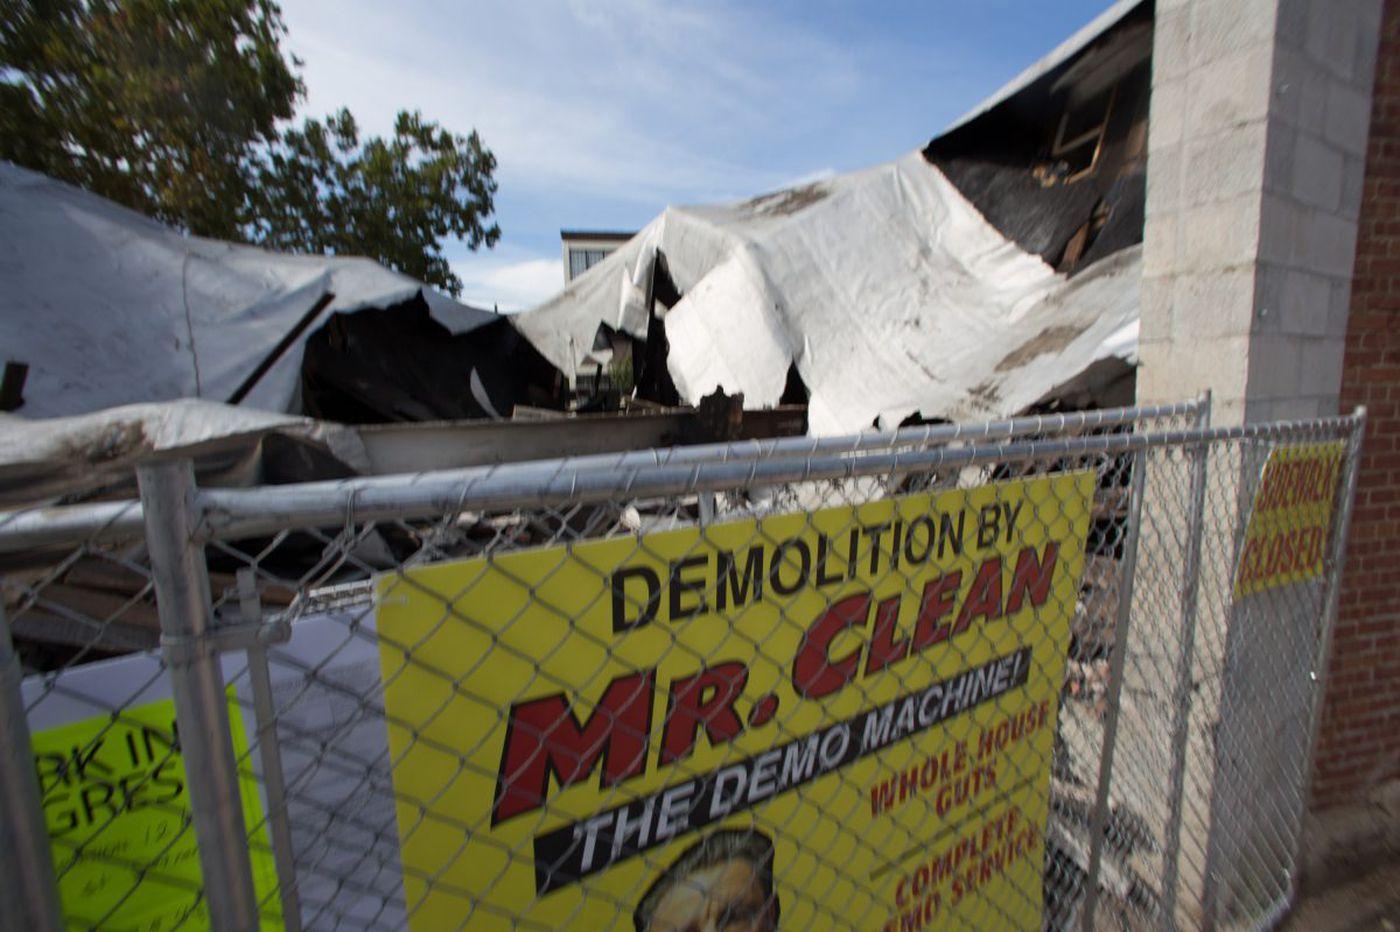 Fishtown residents, city halt smelter demolition until safeguards in place